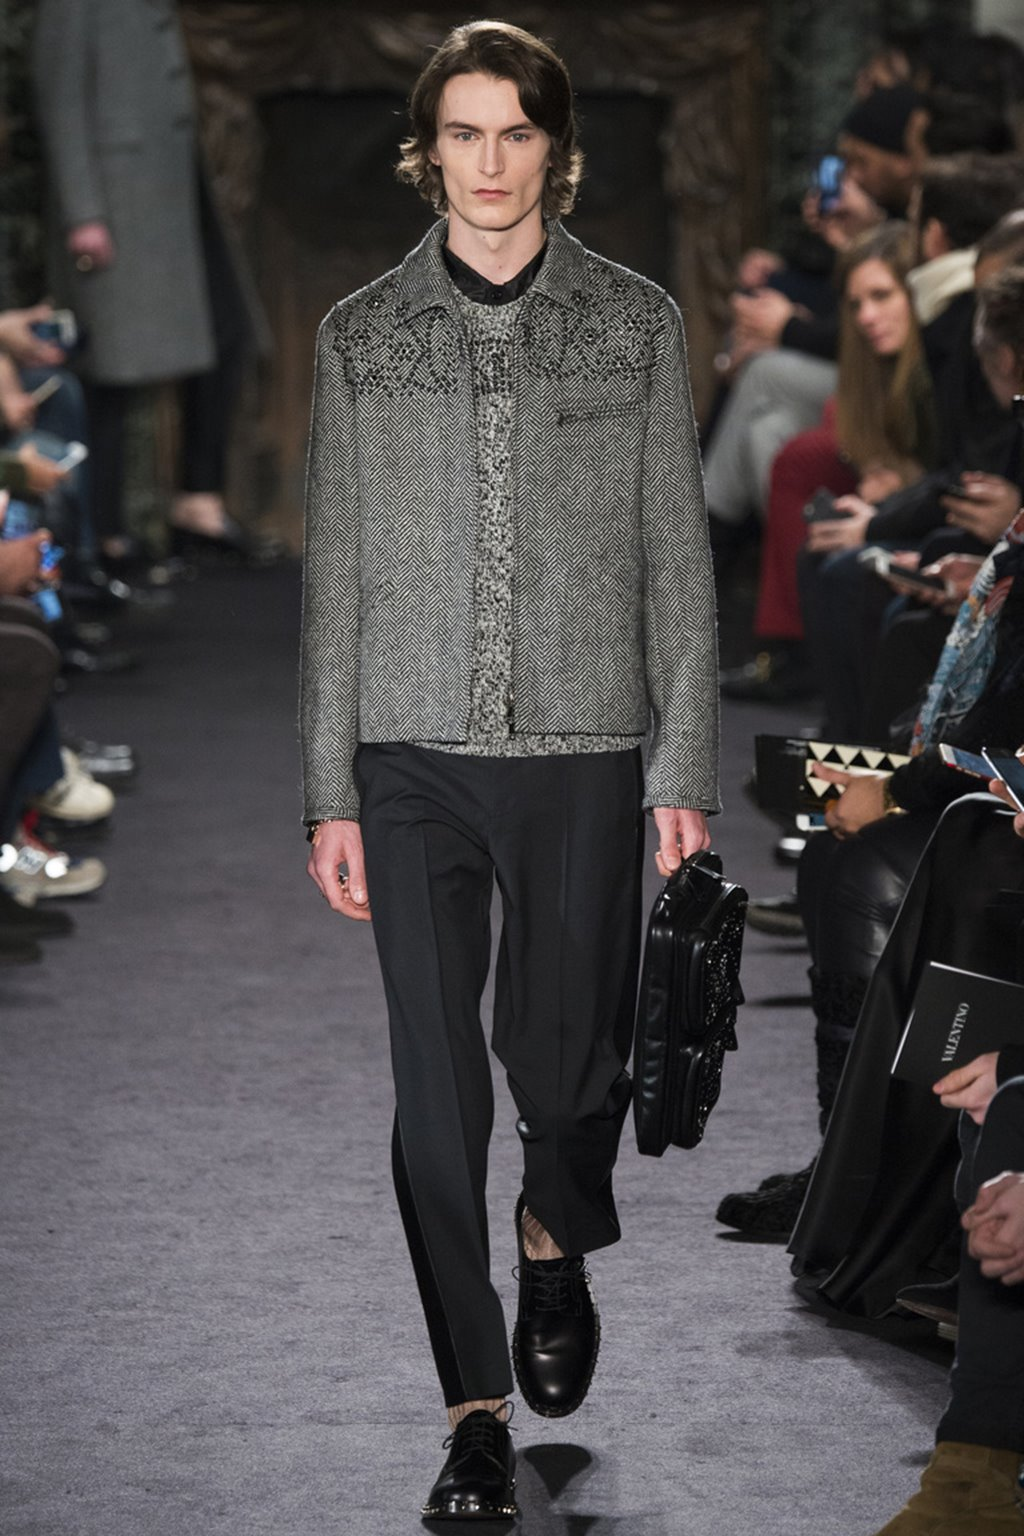 9a0f3c9a2f9 ... Valentino menswear осень-зима 2016 2017 2. Для придания коллекции  концептуализма и энергии дизайнеры выбрали консервативный